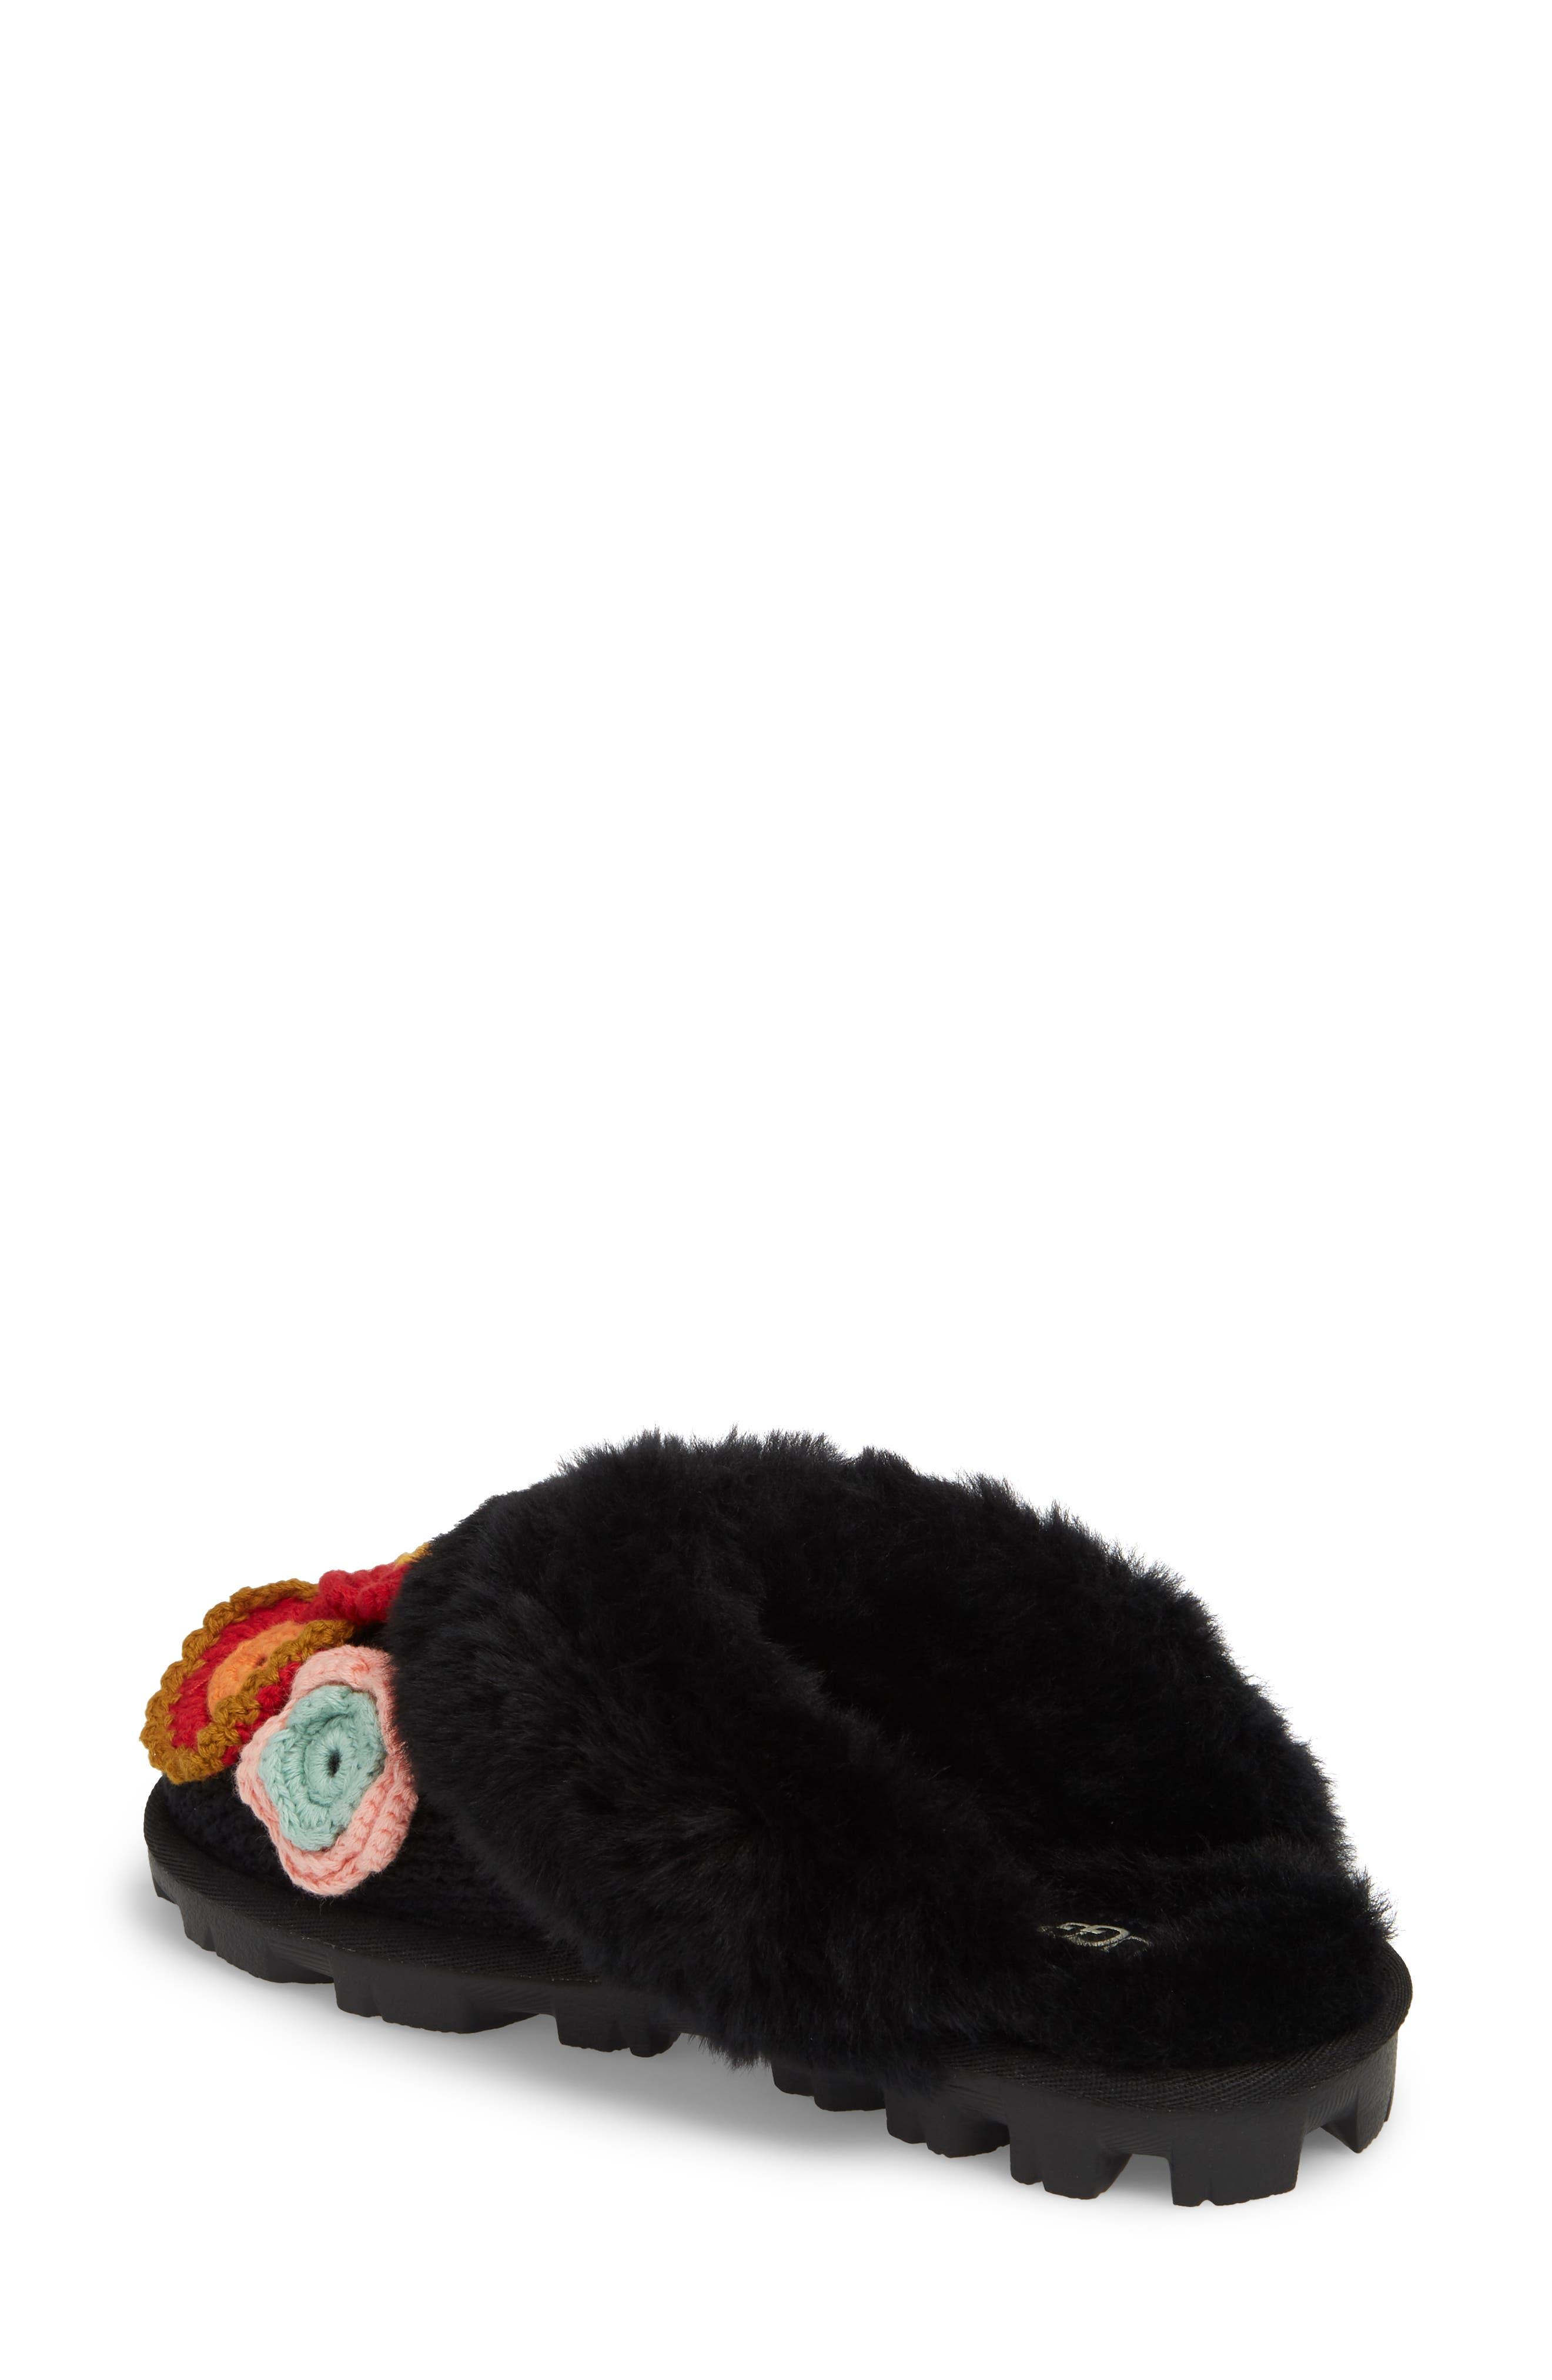 Crochet Genuine Shearling Slipper,                             Alternate thumbnail 2, color,                             Black